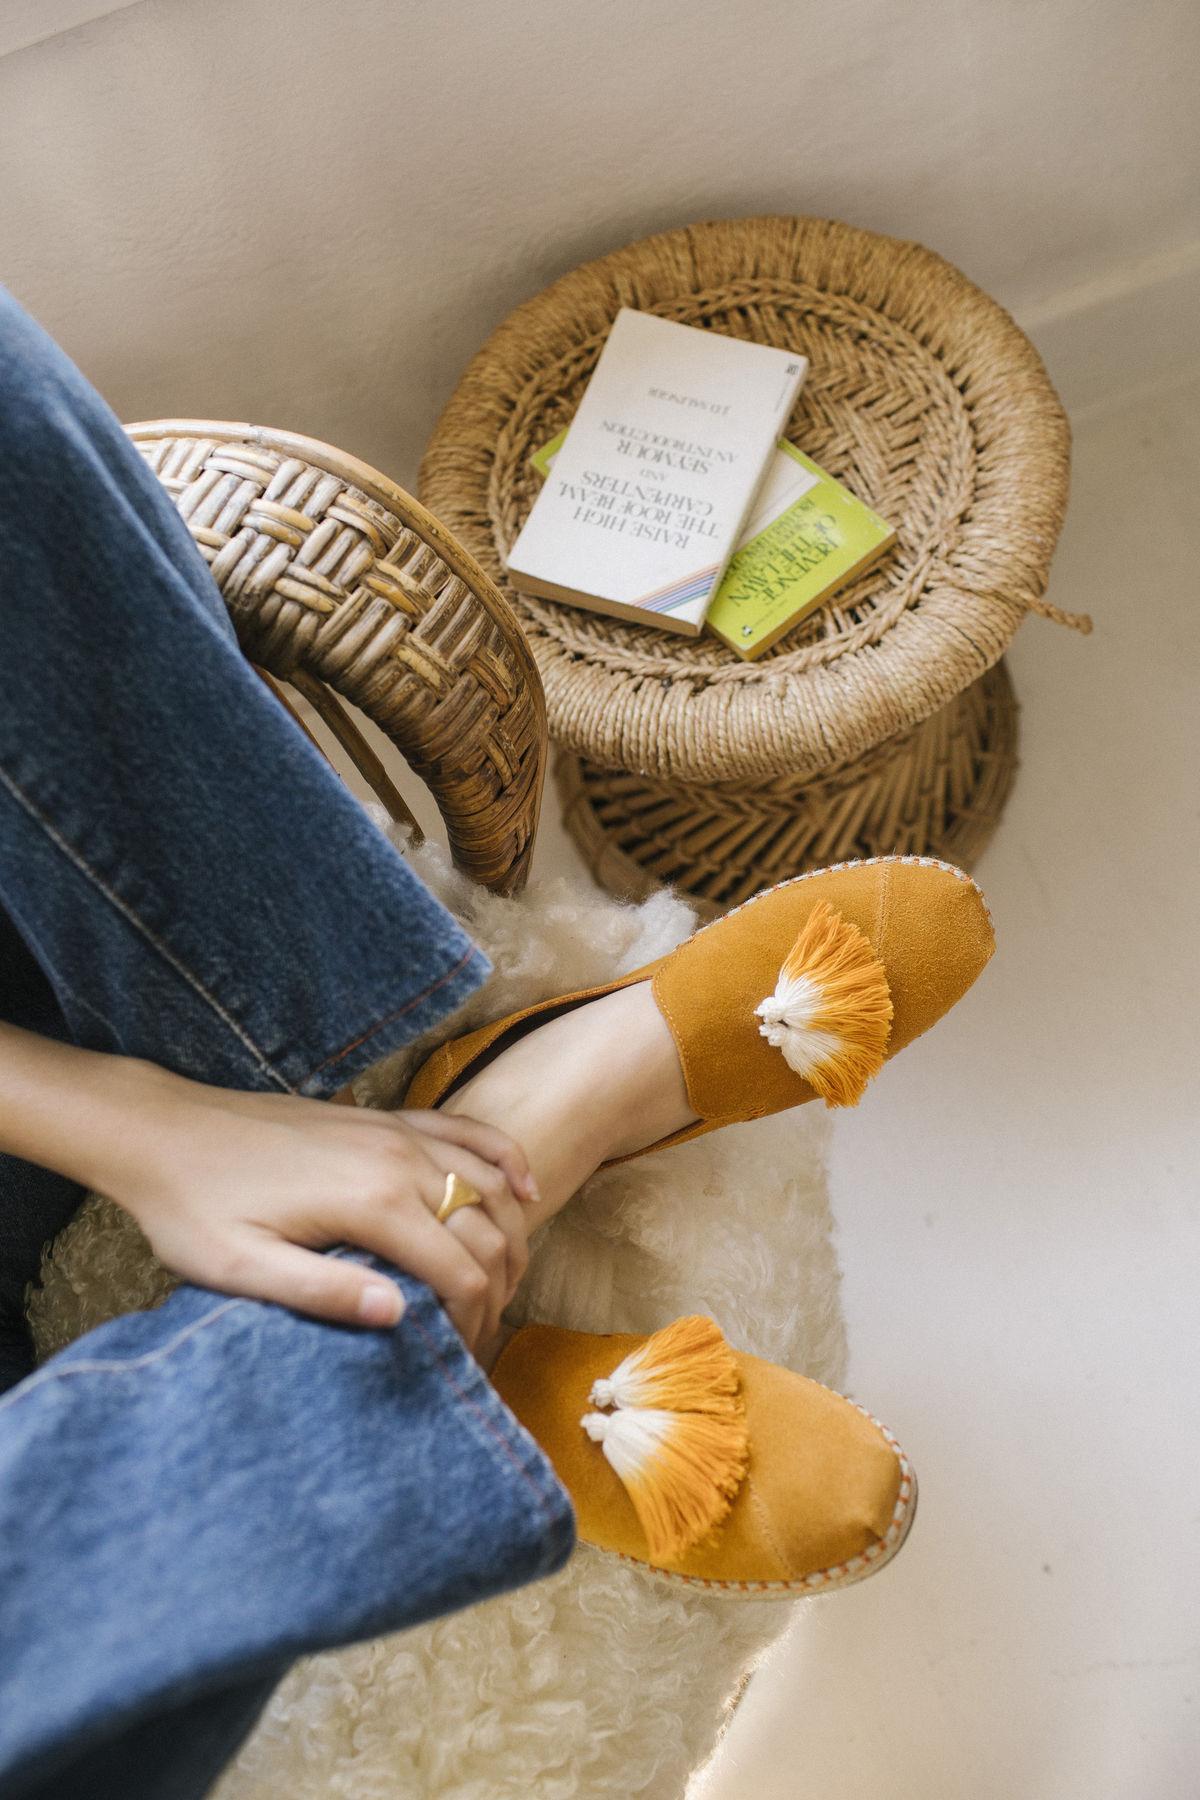 17809dc5f Perličky, strapce, mašličky! 12 tipov, ako si ozdobiť nohy v ...